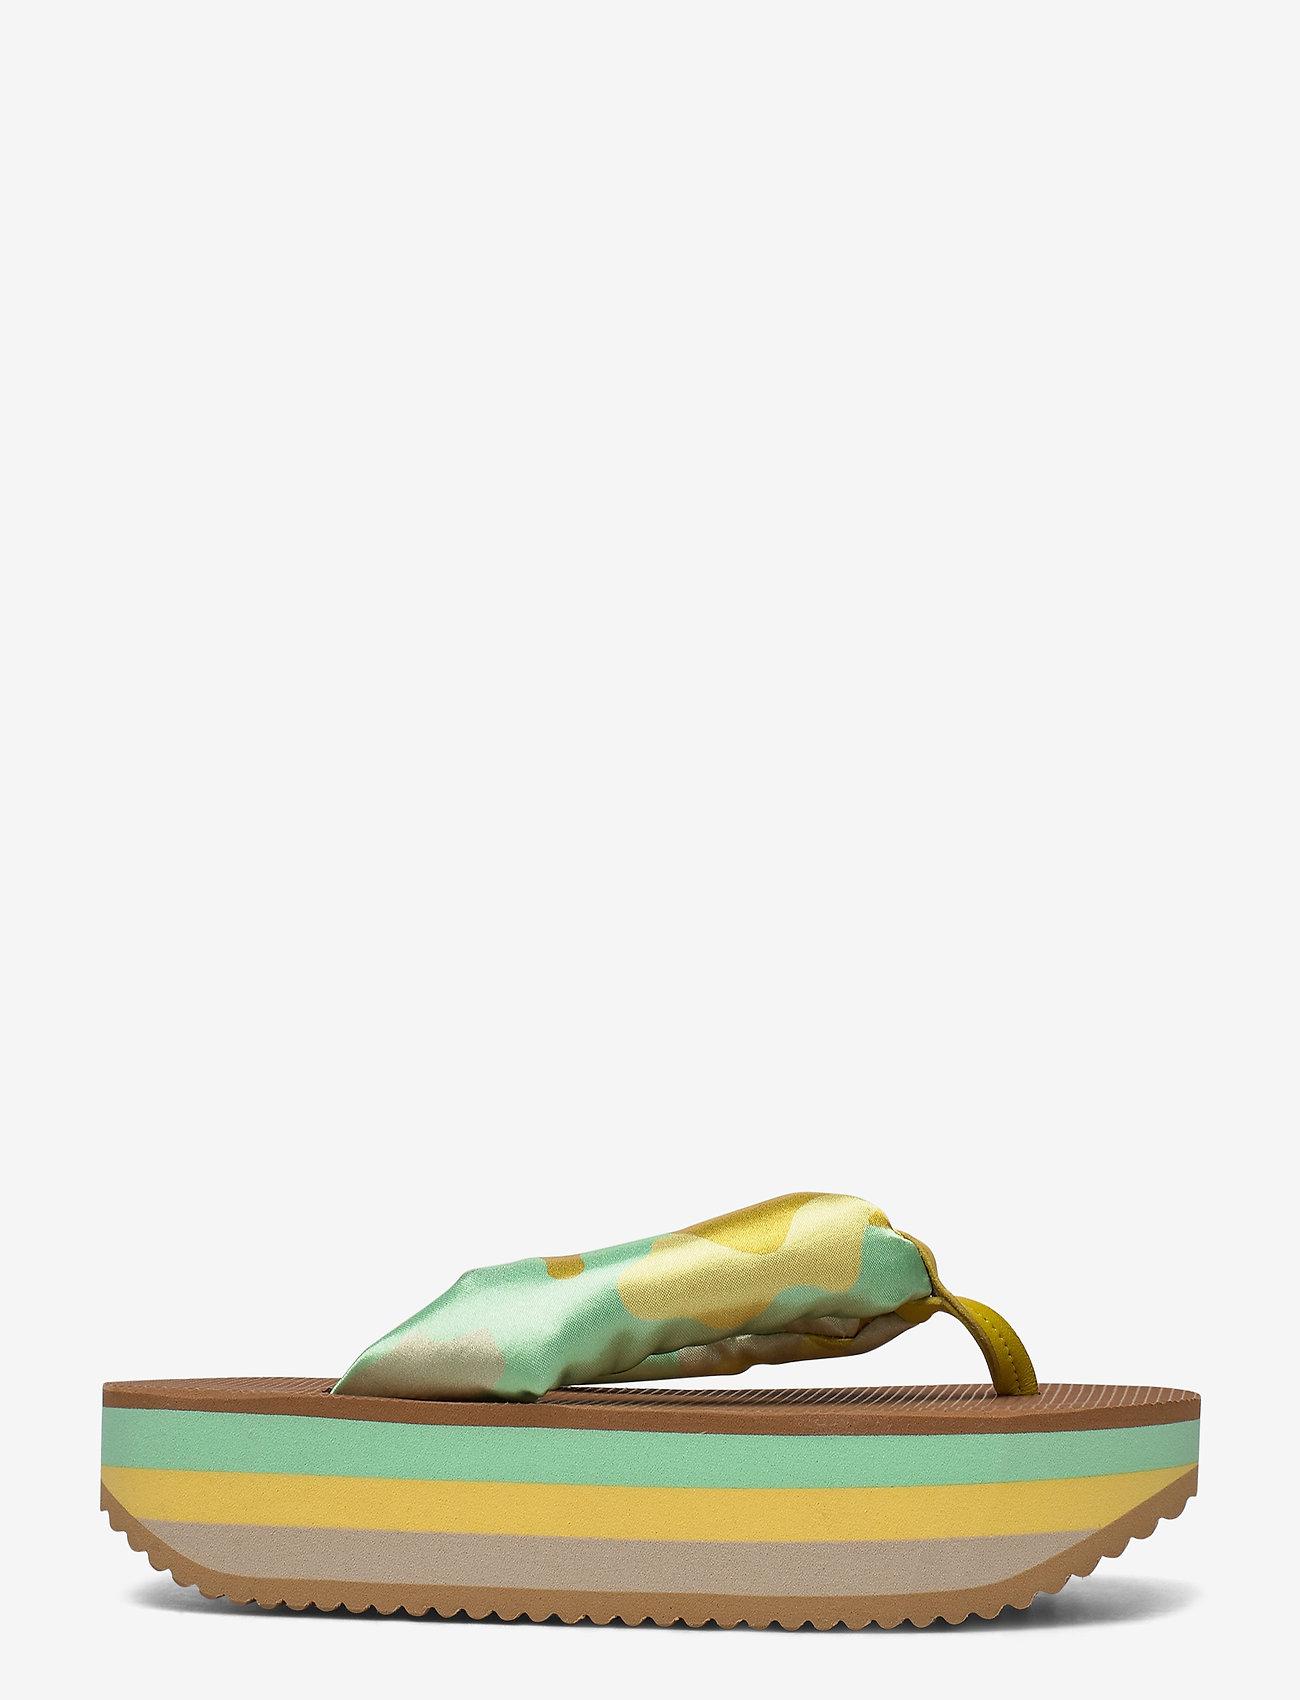 STINE GOYA - Trine, 889 Trine Sandals - płaskie sandały - camouflage green - 1